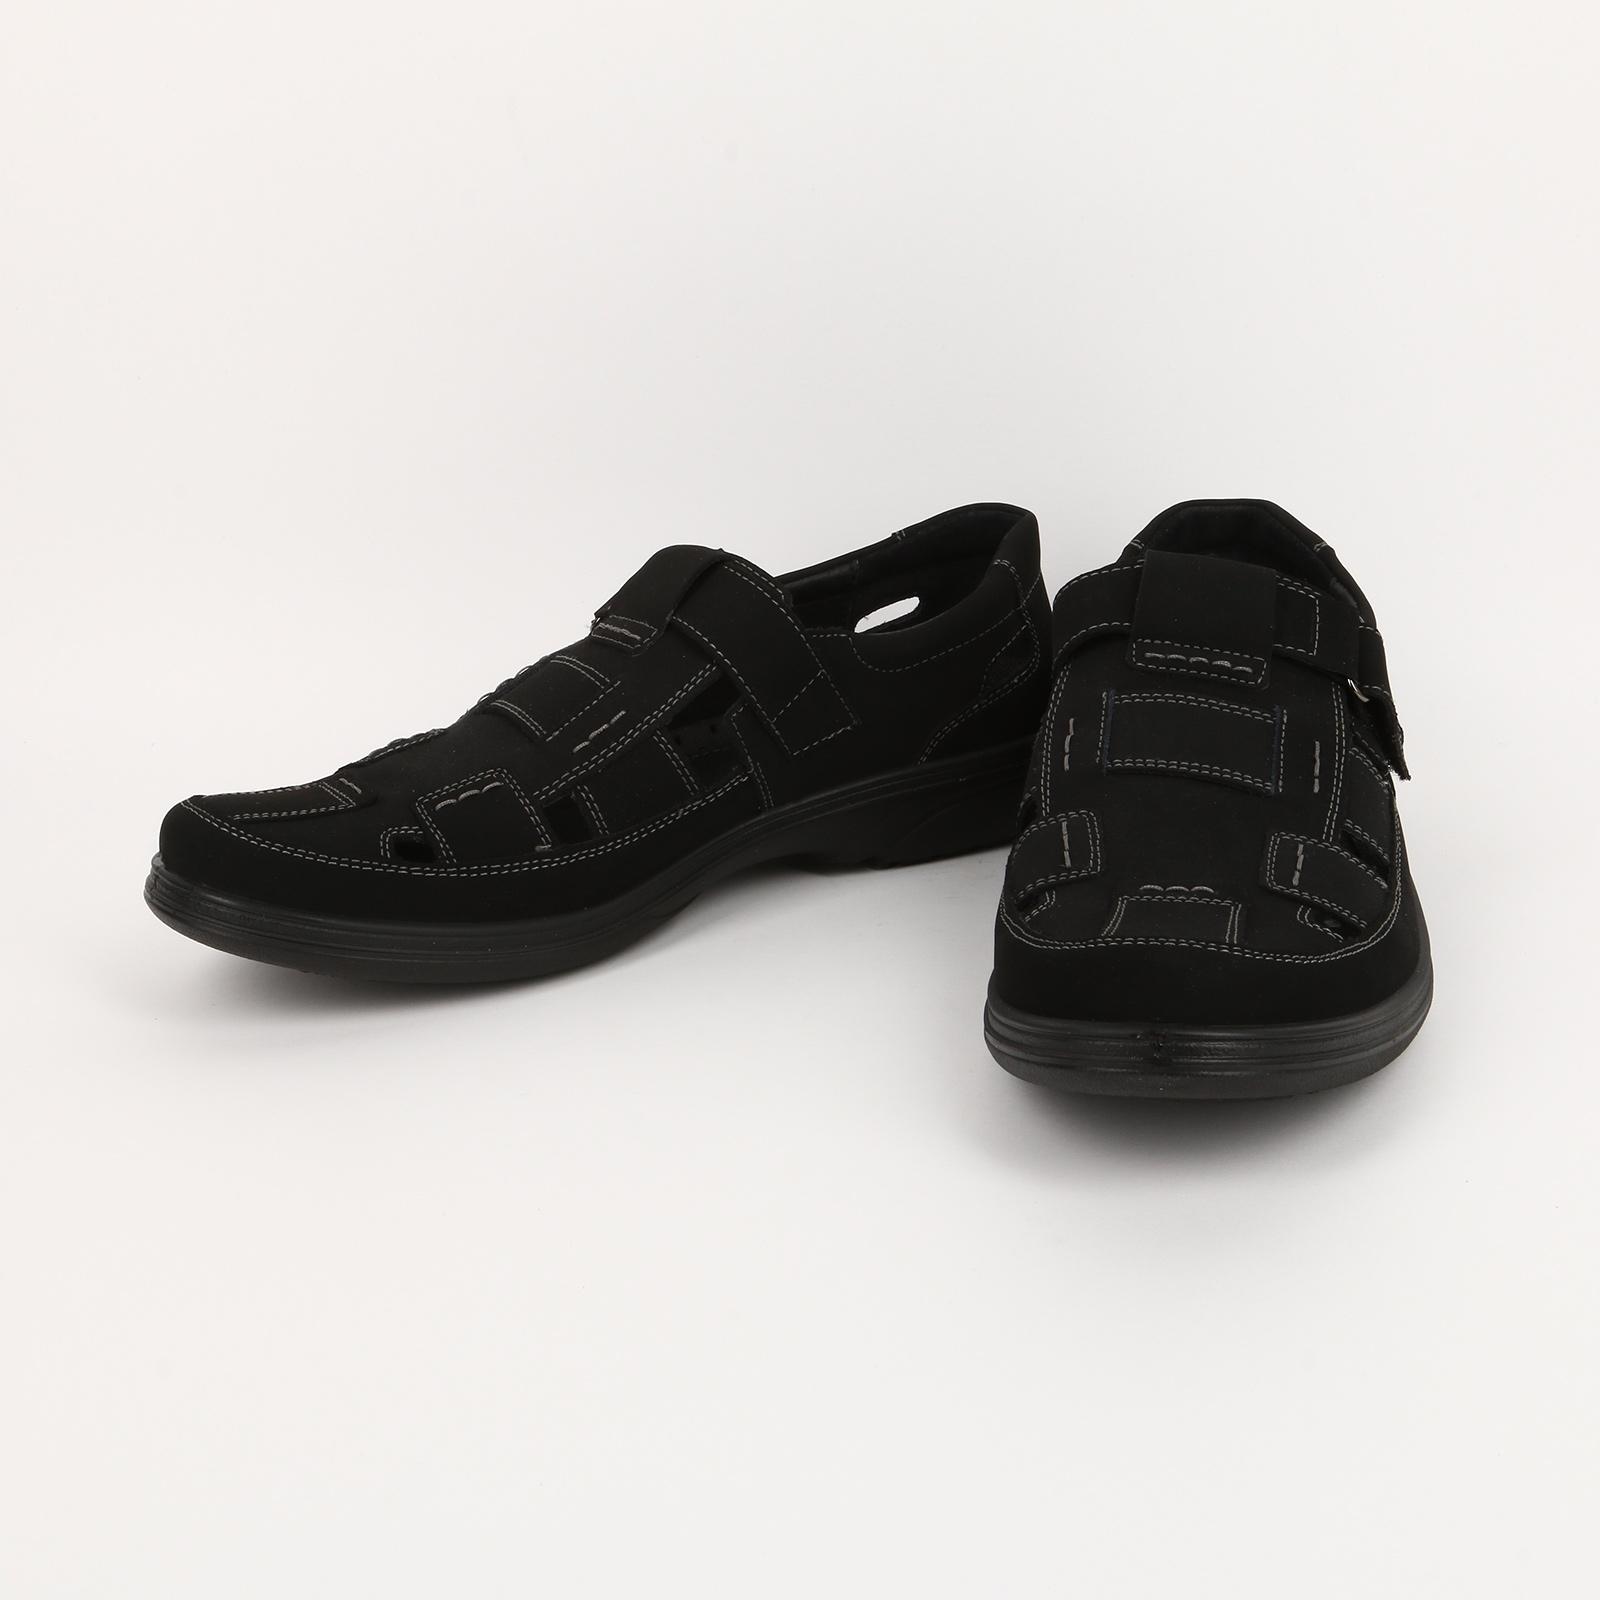 Туфли летние мужские с застежкой на липучке